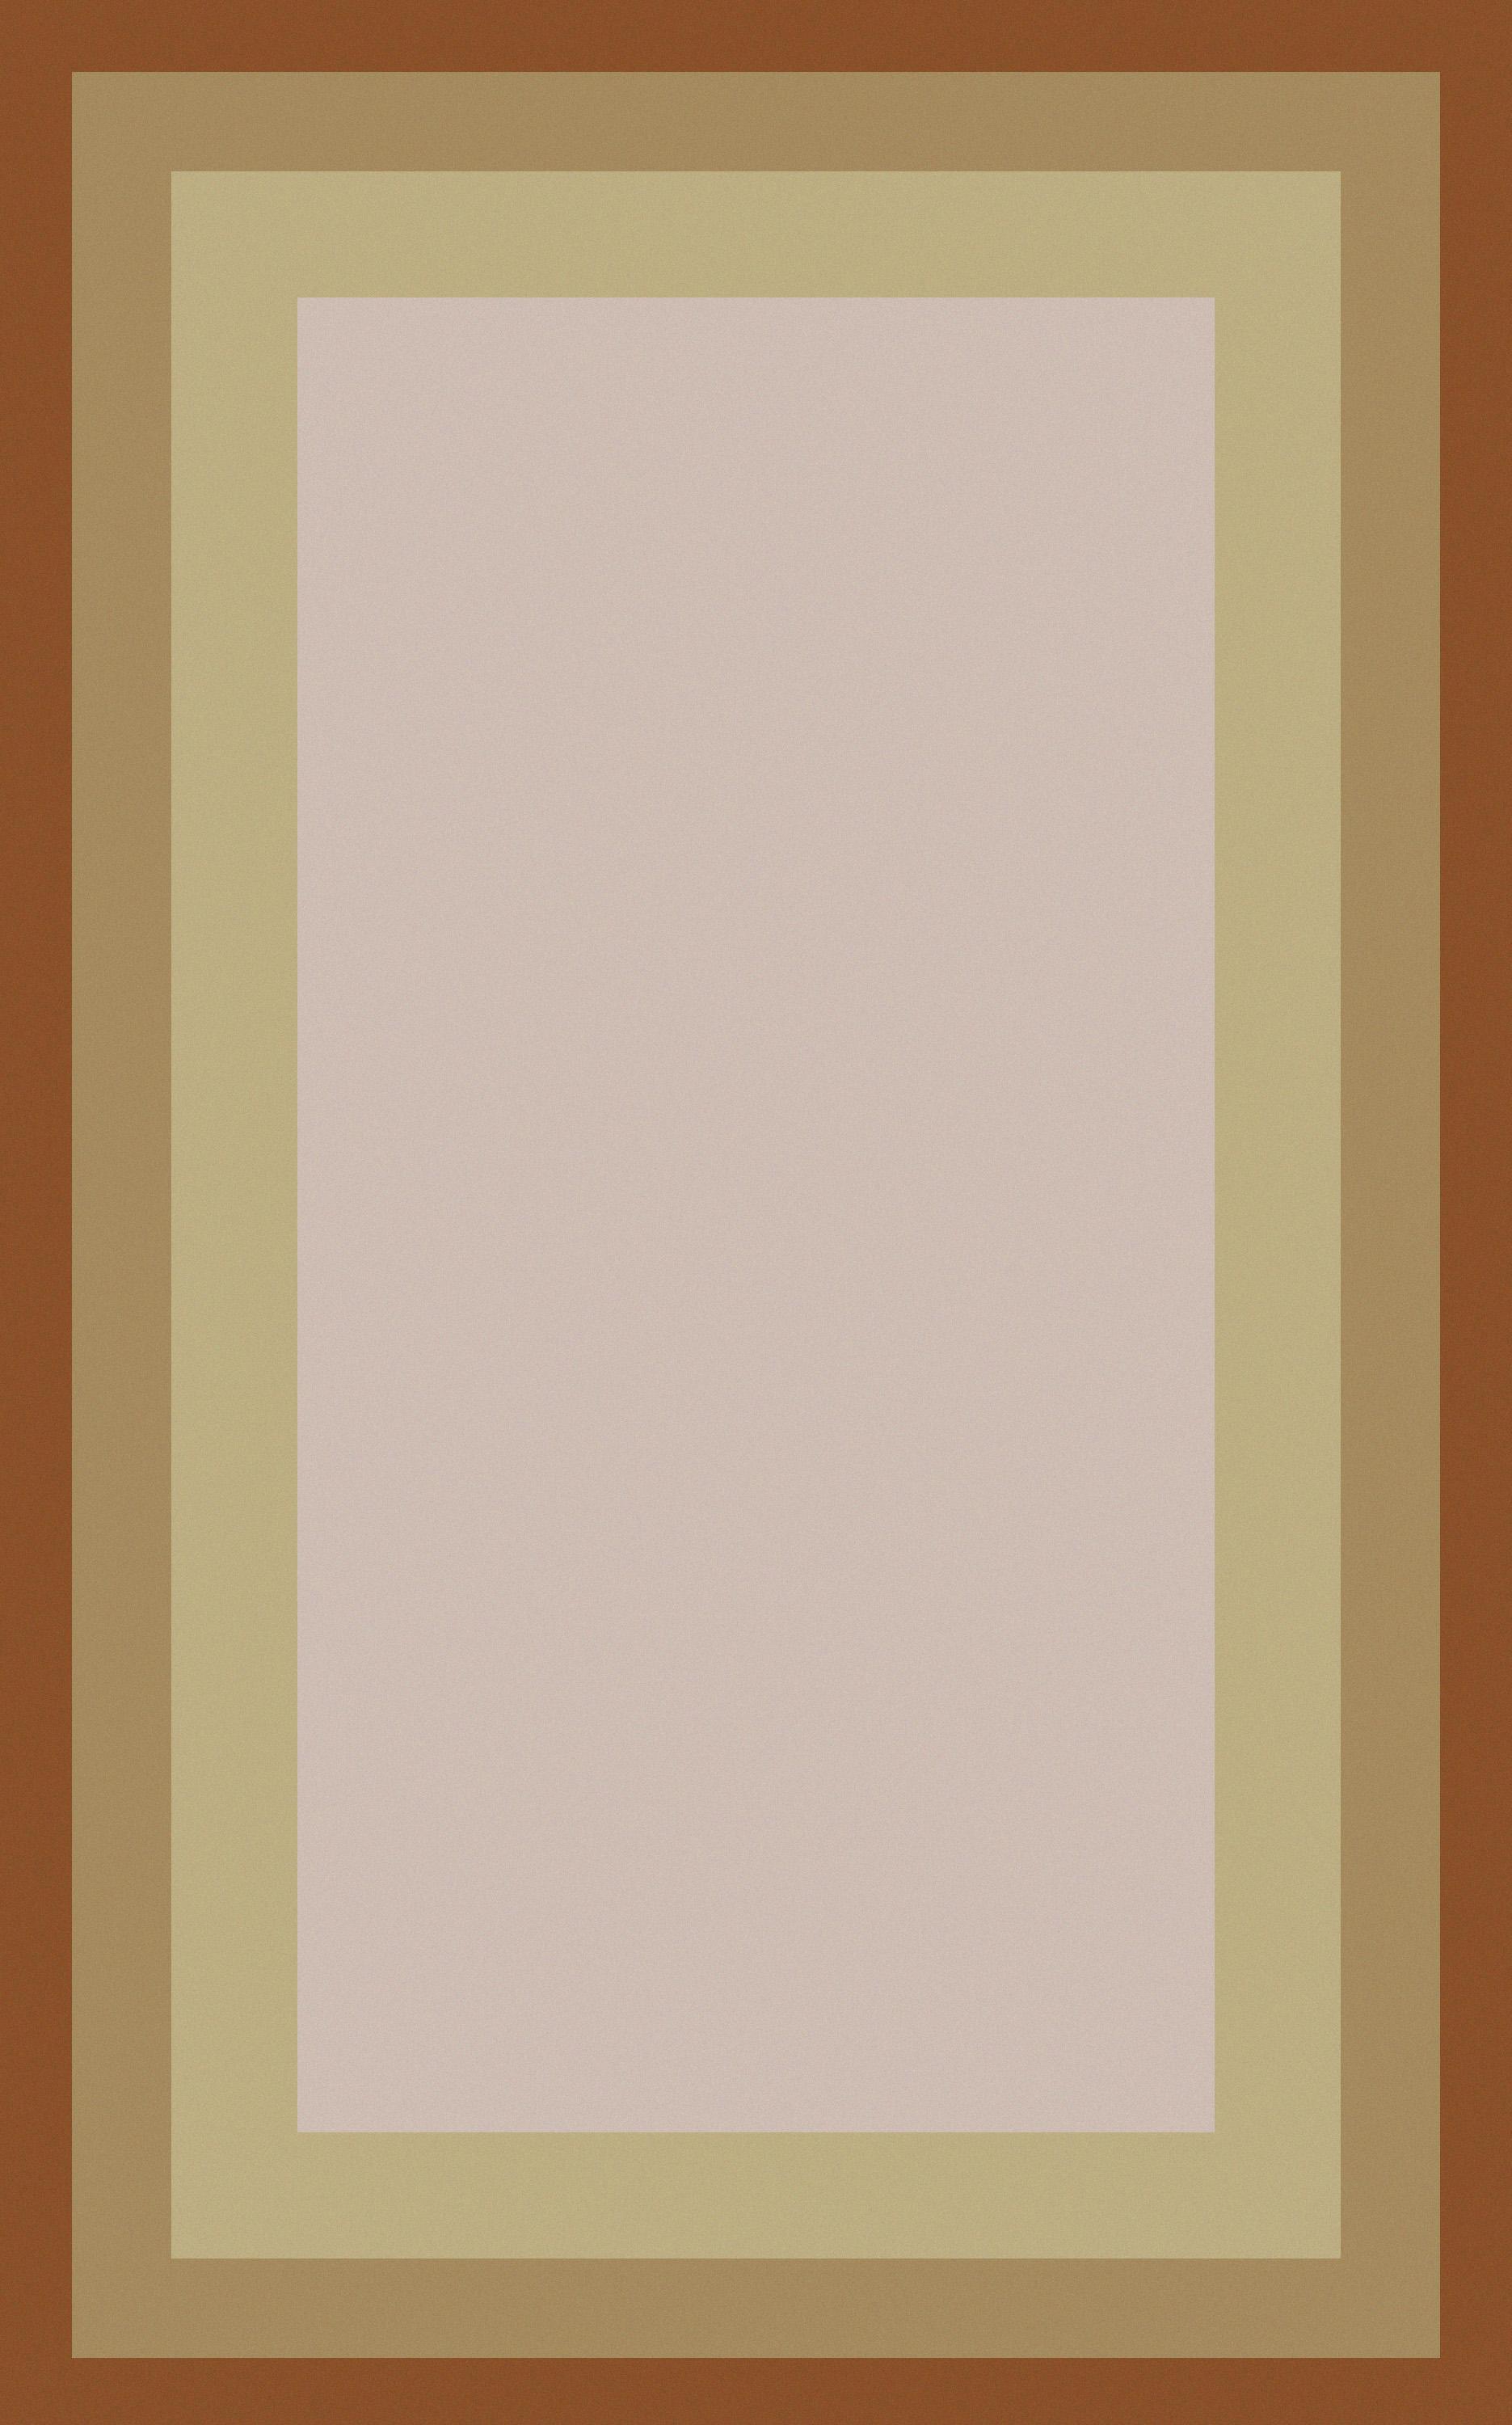 Surya Rugs Mystique 8' x 11' - Item Number: M5414-811